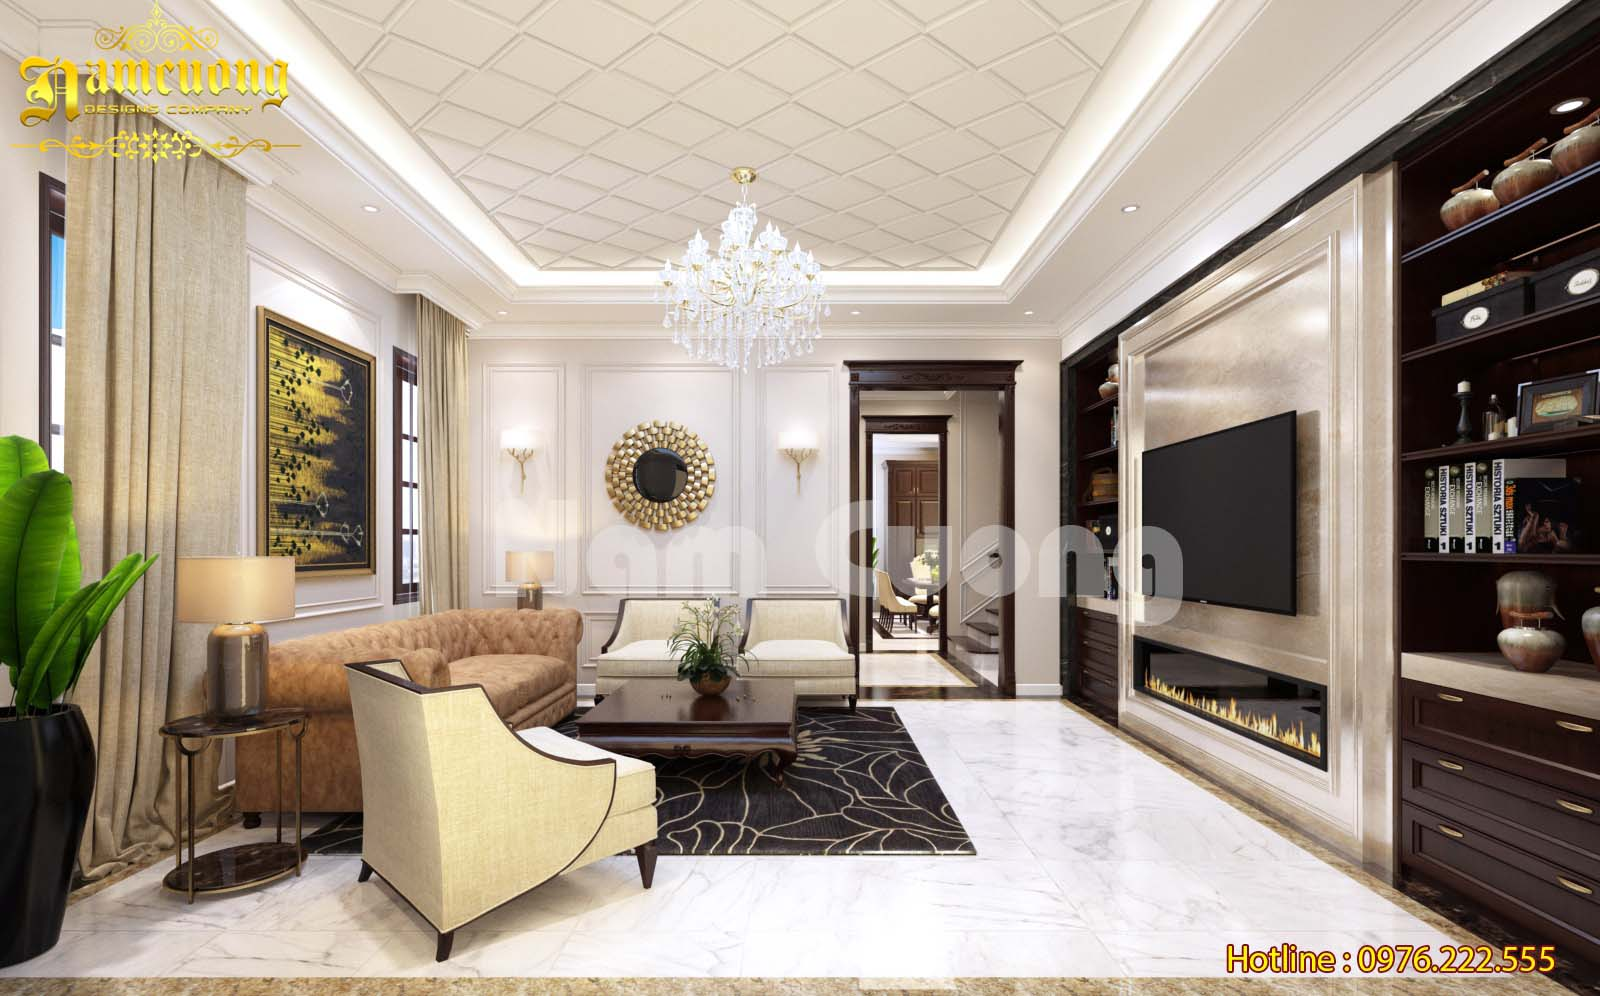 Thiết kế nội thất tân cổ điển cho ngôi biệt thự tại Quảng Bình